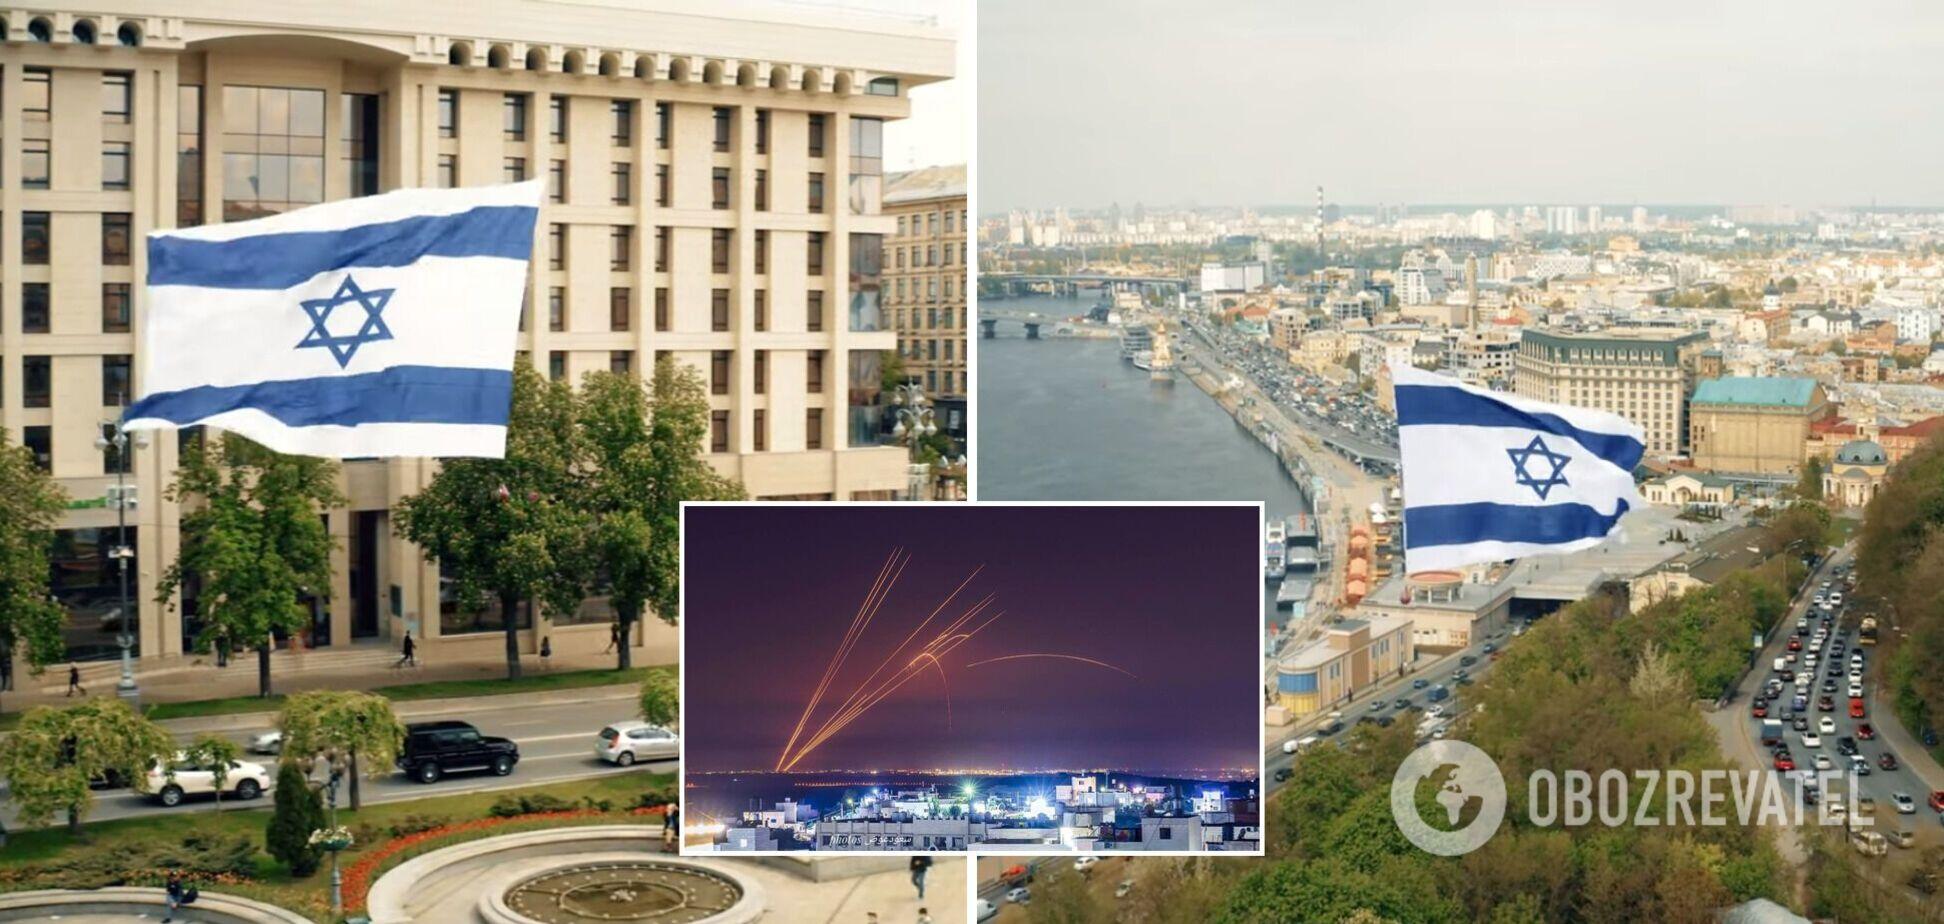 Акция в поддержку Израиля в Киеве